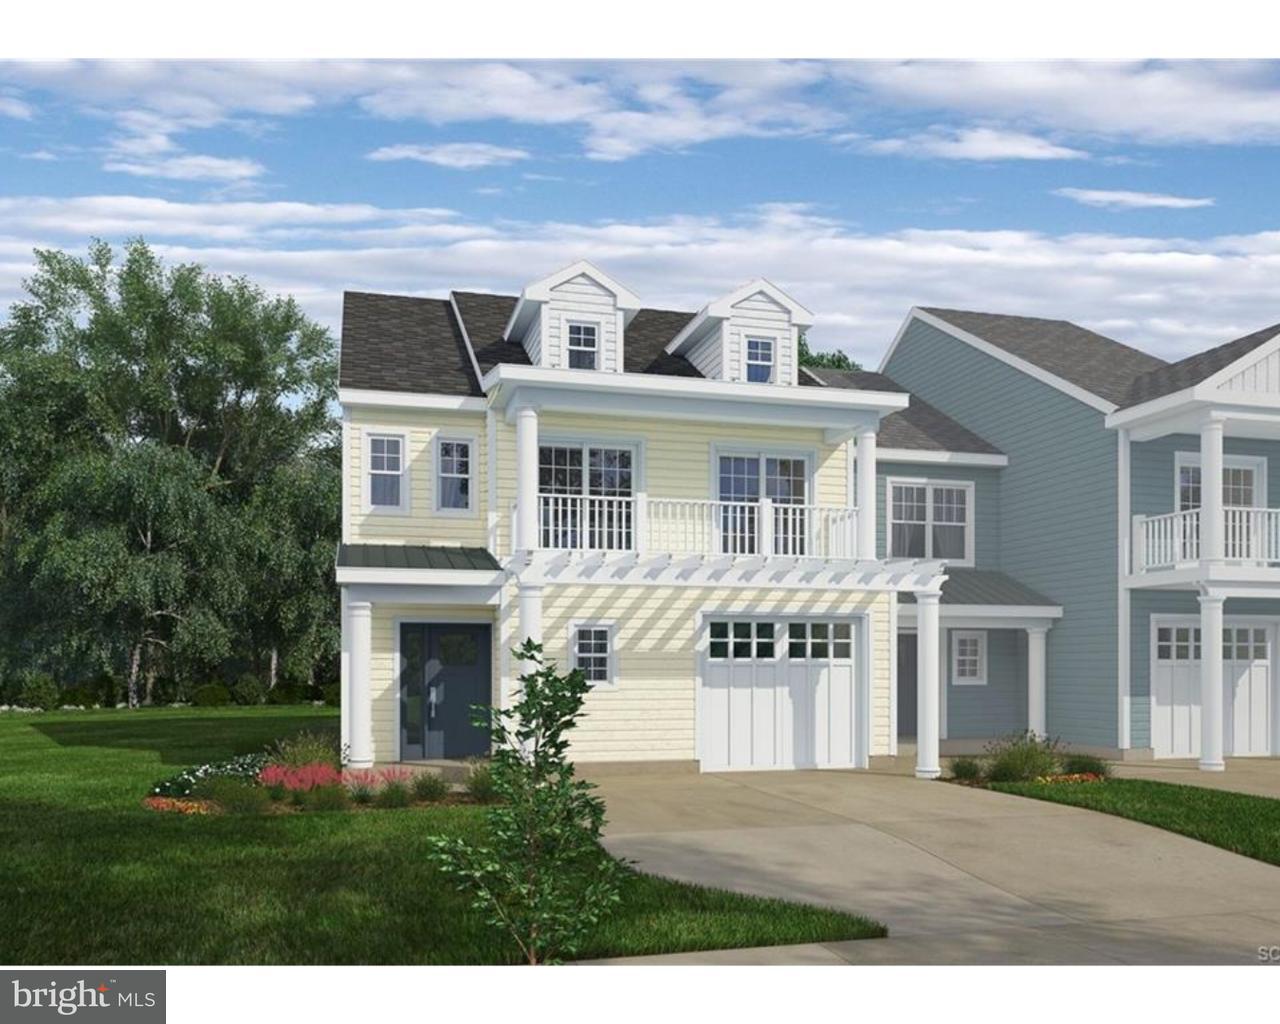 独户住宅 为 销售 在 36209 GLENVEAGH RD #UNIT 1 赛尔比维尔, 特拉华州 19975 美国